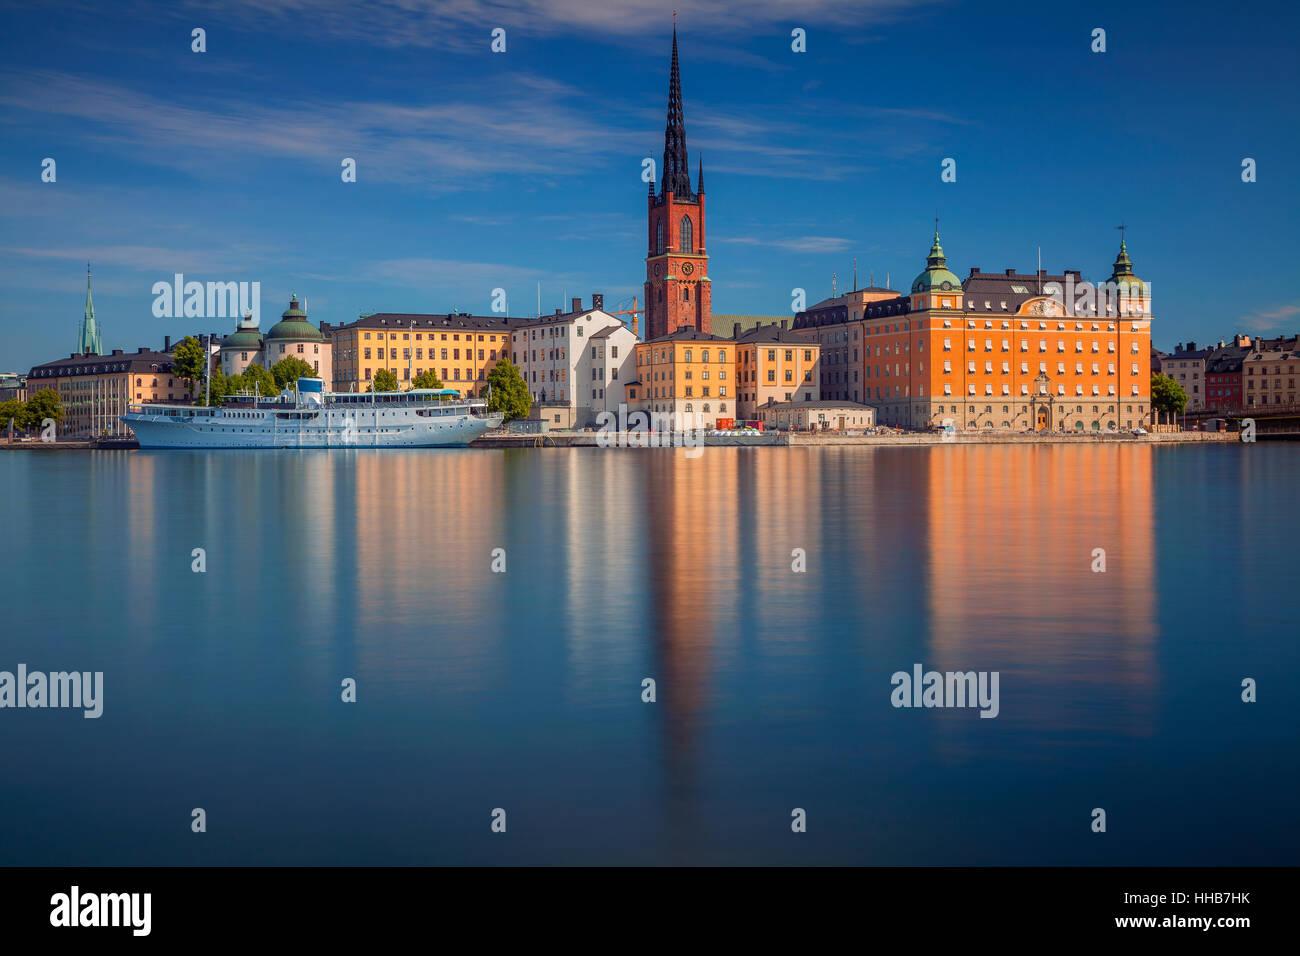 Estocolmo. Imagen del paisaje urbano de Estocolmo, Suecia durante el verano por la mañana. Imagen De Stock